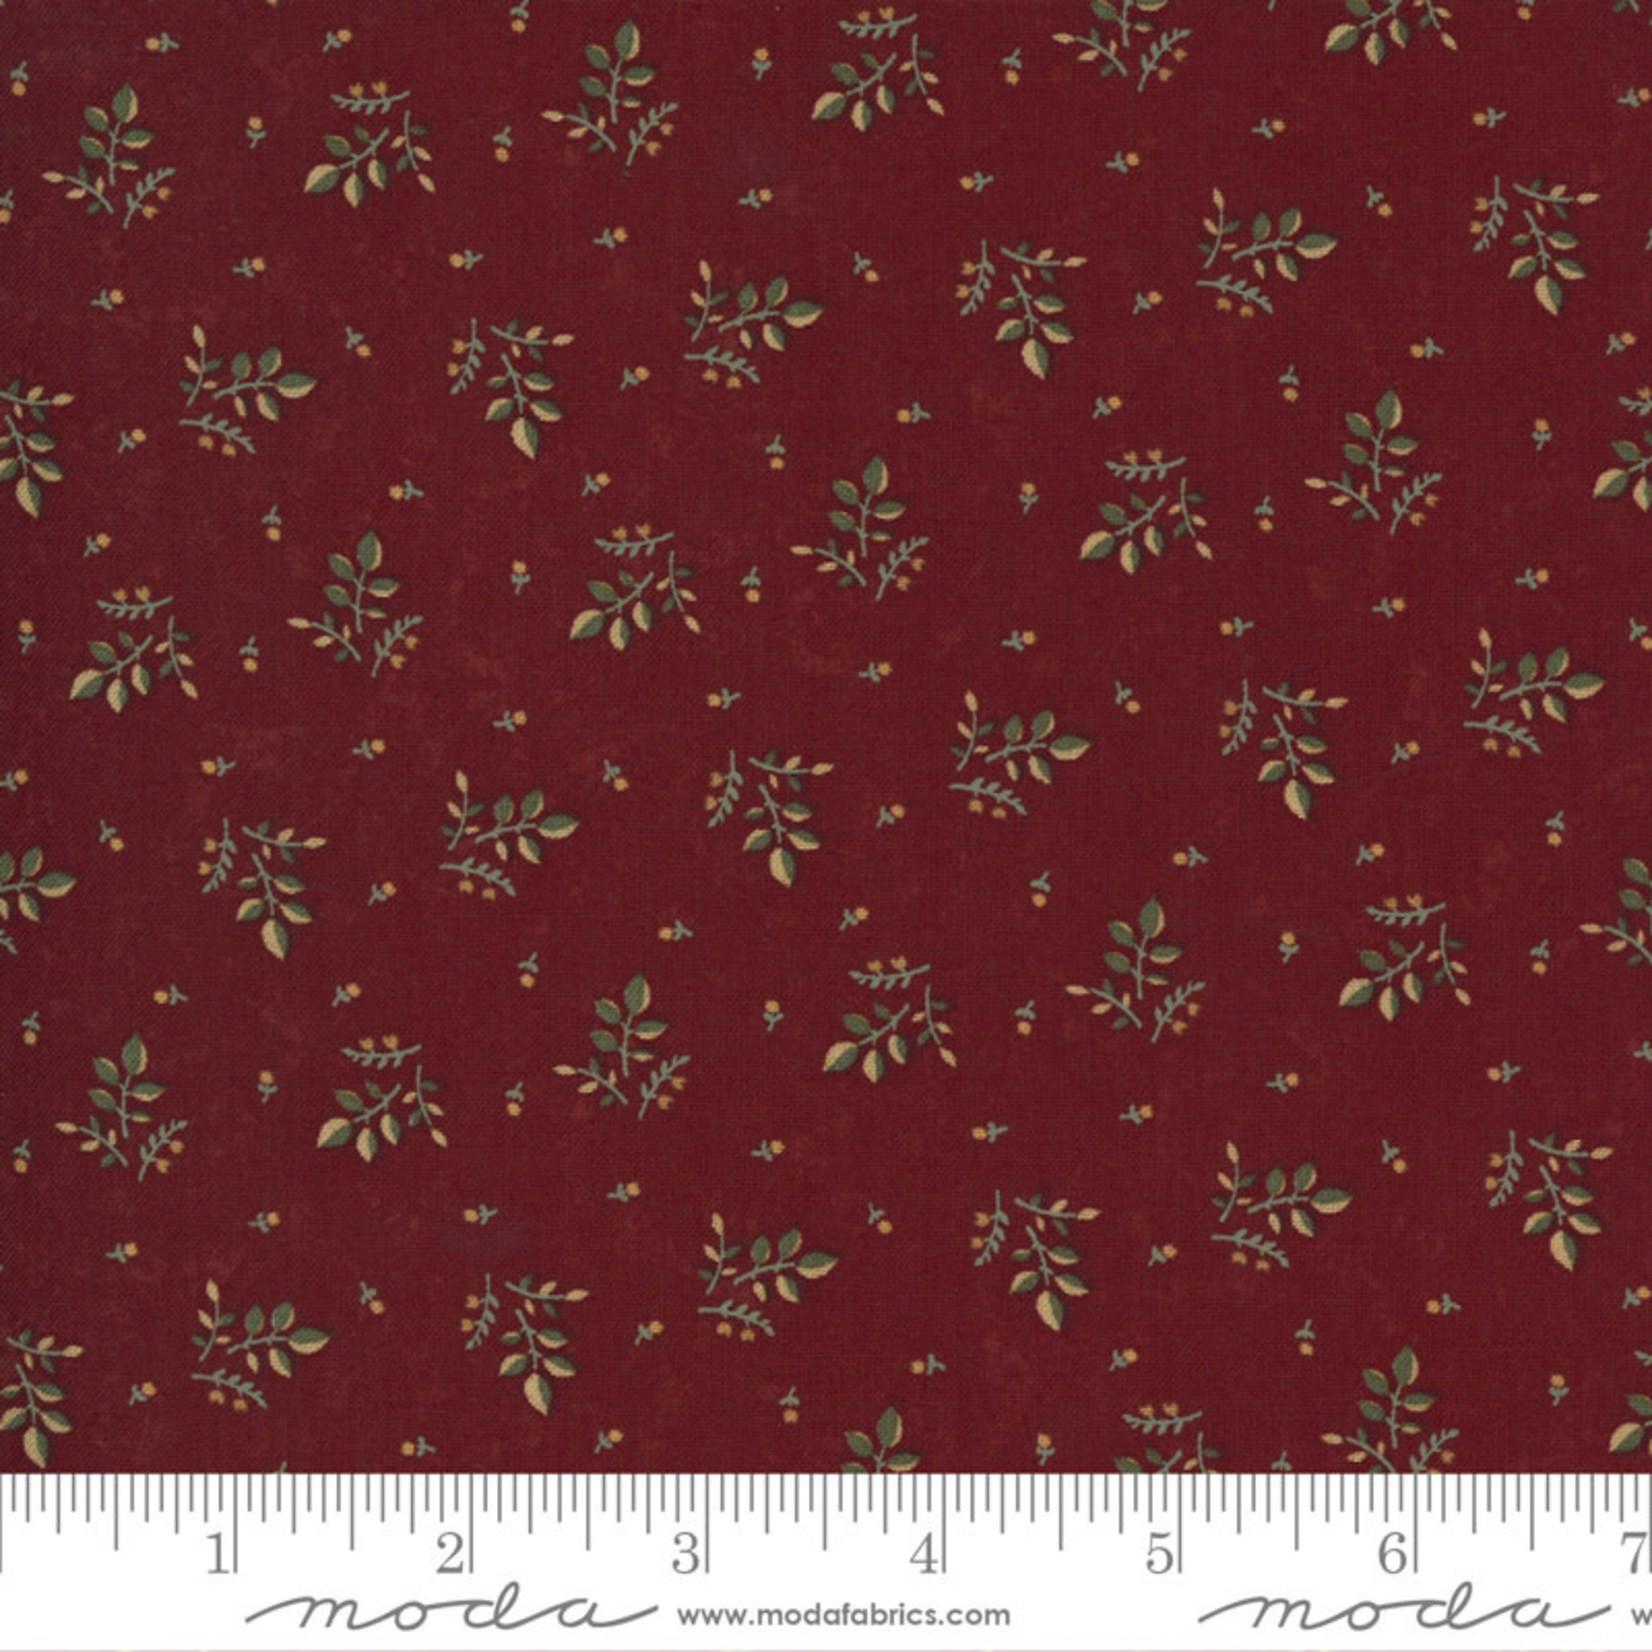 Kansas Troubles Quilters Prairie Dreams, Leaves Berries, Red 9653 13 $0.20 per cm or $20/m